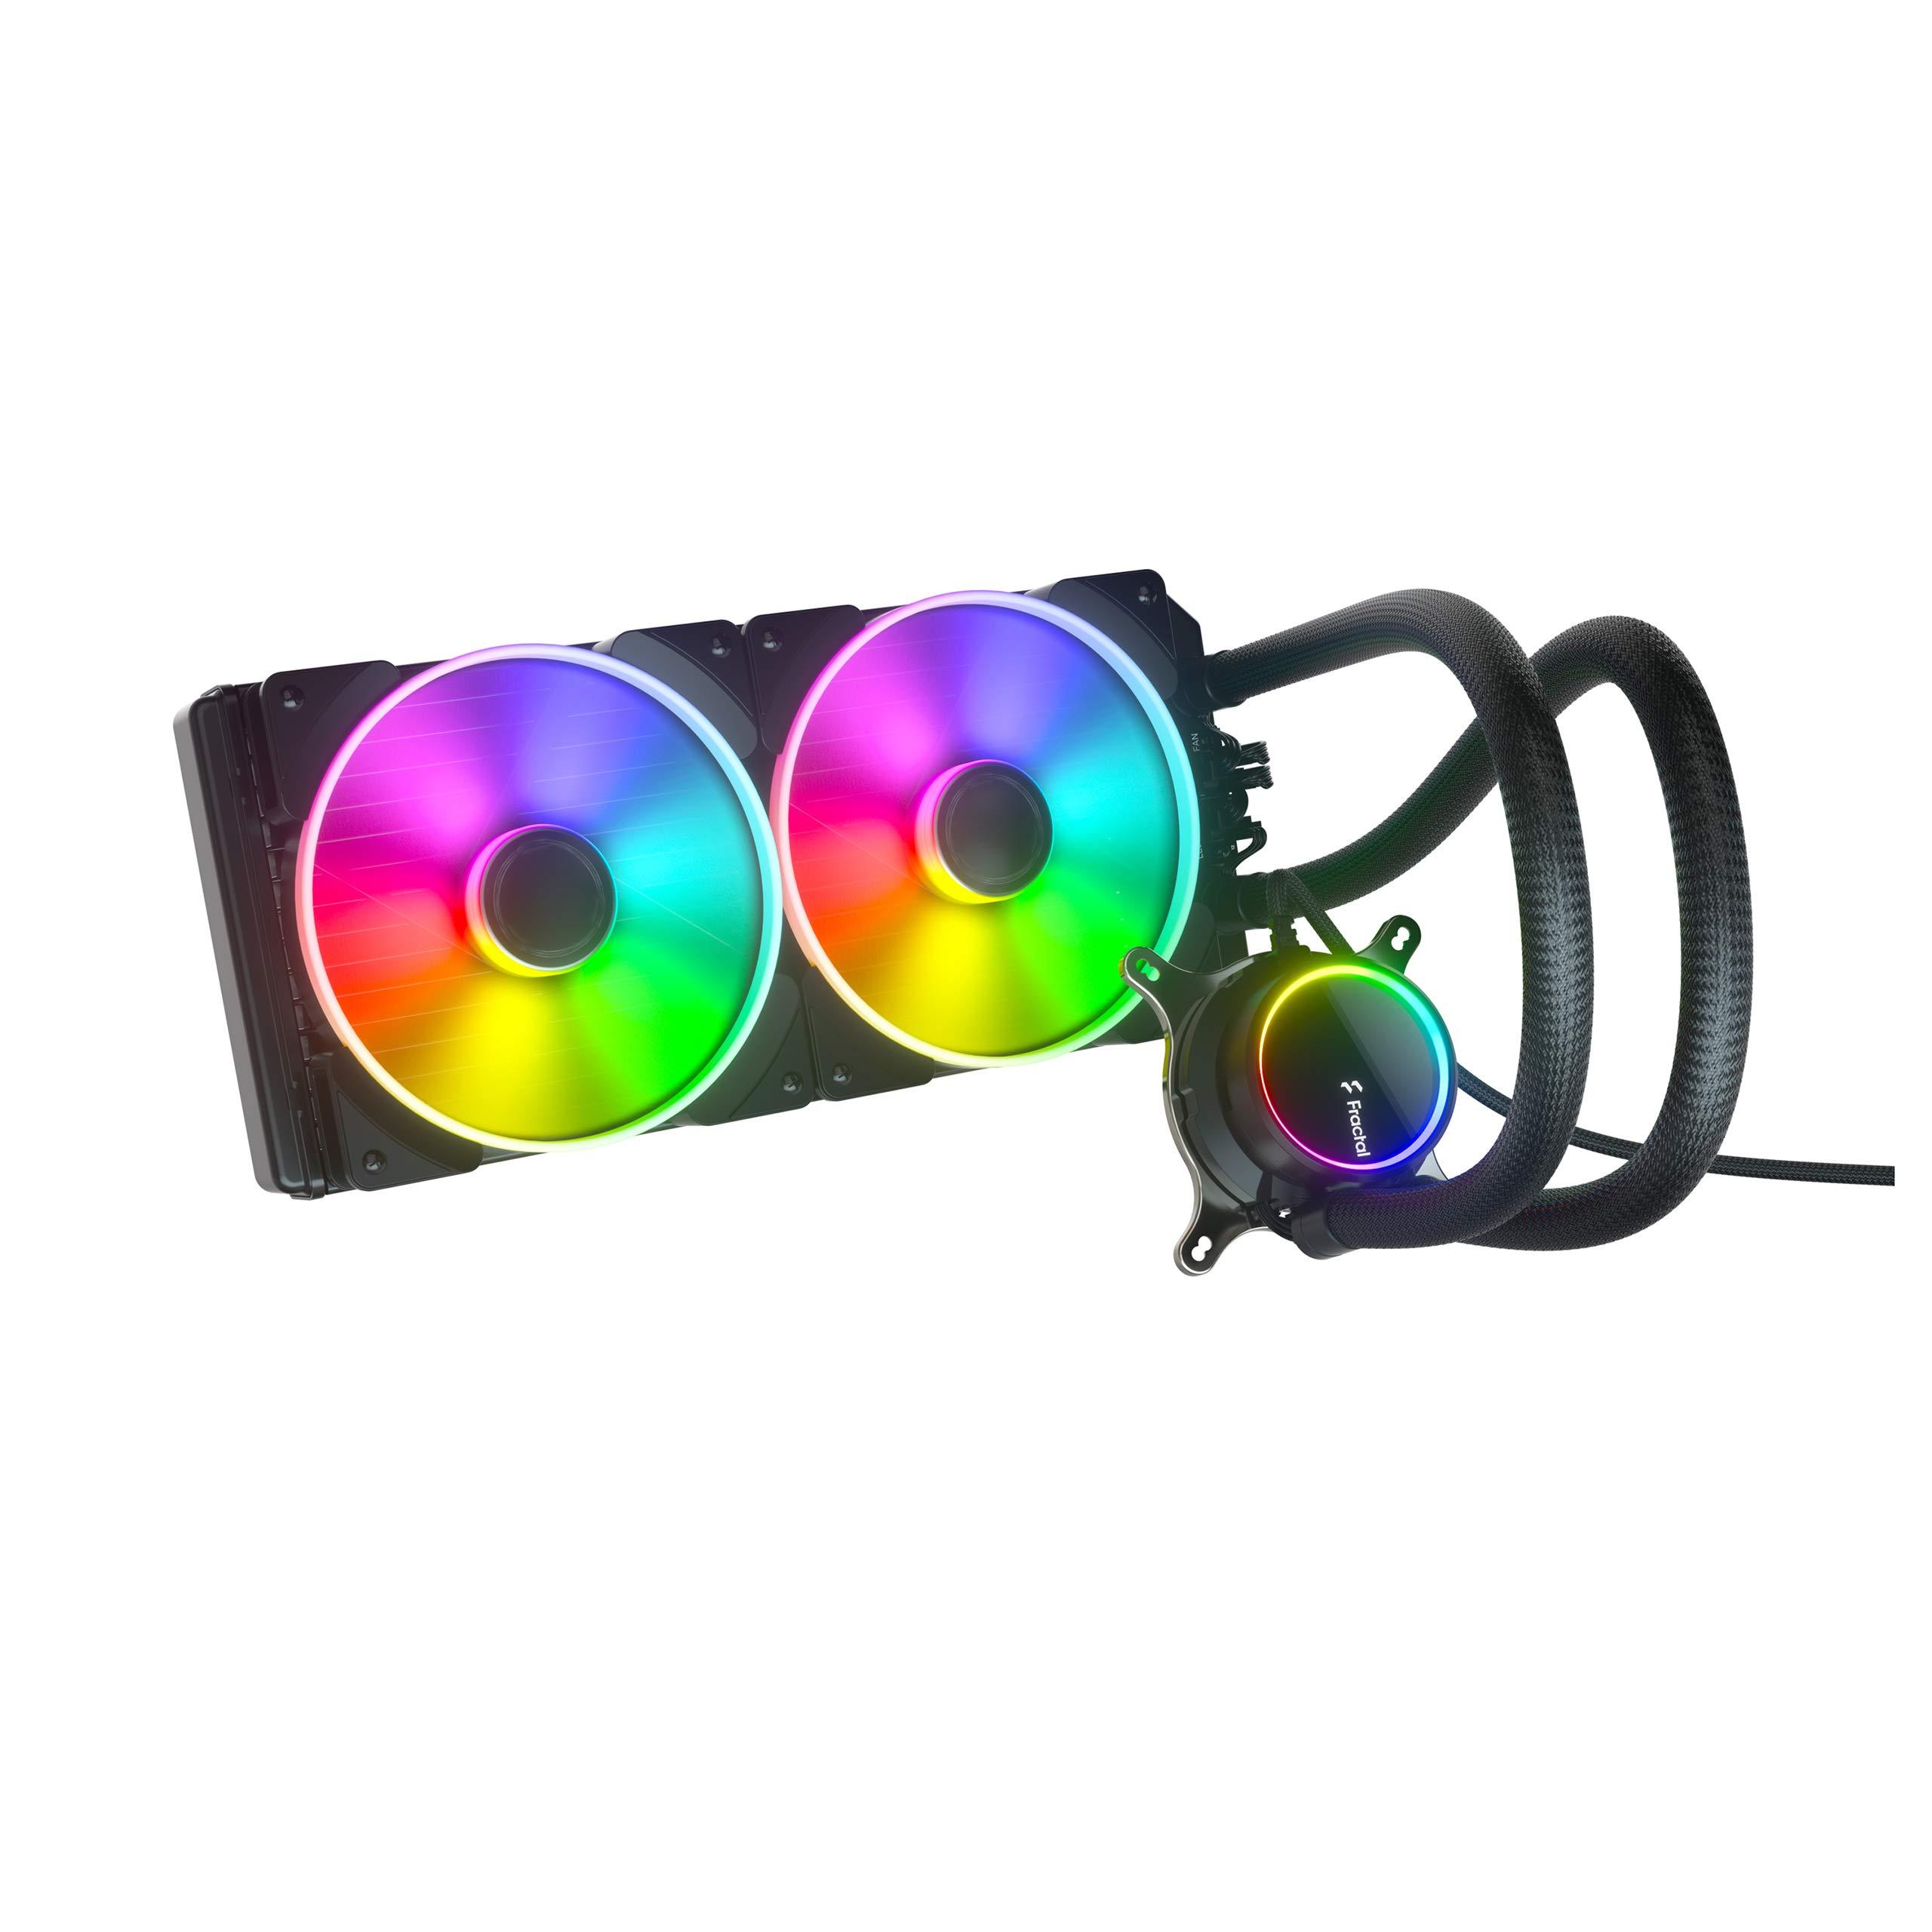 Fractal Design Celsius+ S28 Prisma PWM ARGB 280mm Silent Performance Slim Radiator AIO CPU Liquid/Water Cooler (FD-W-2-S2802)